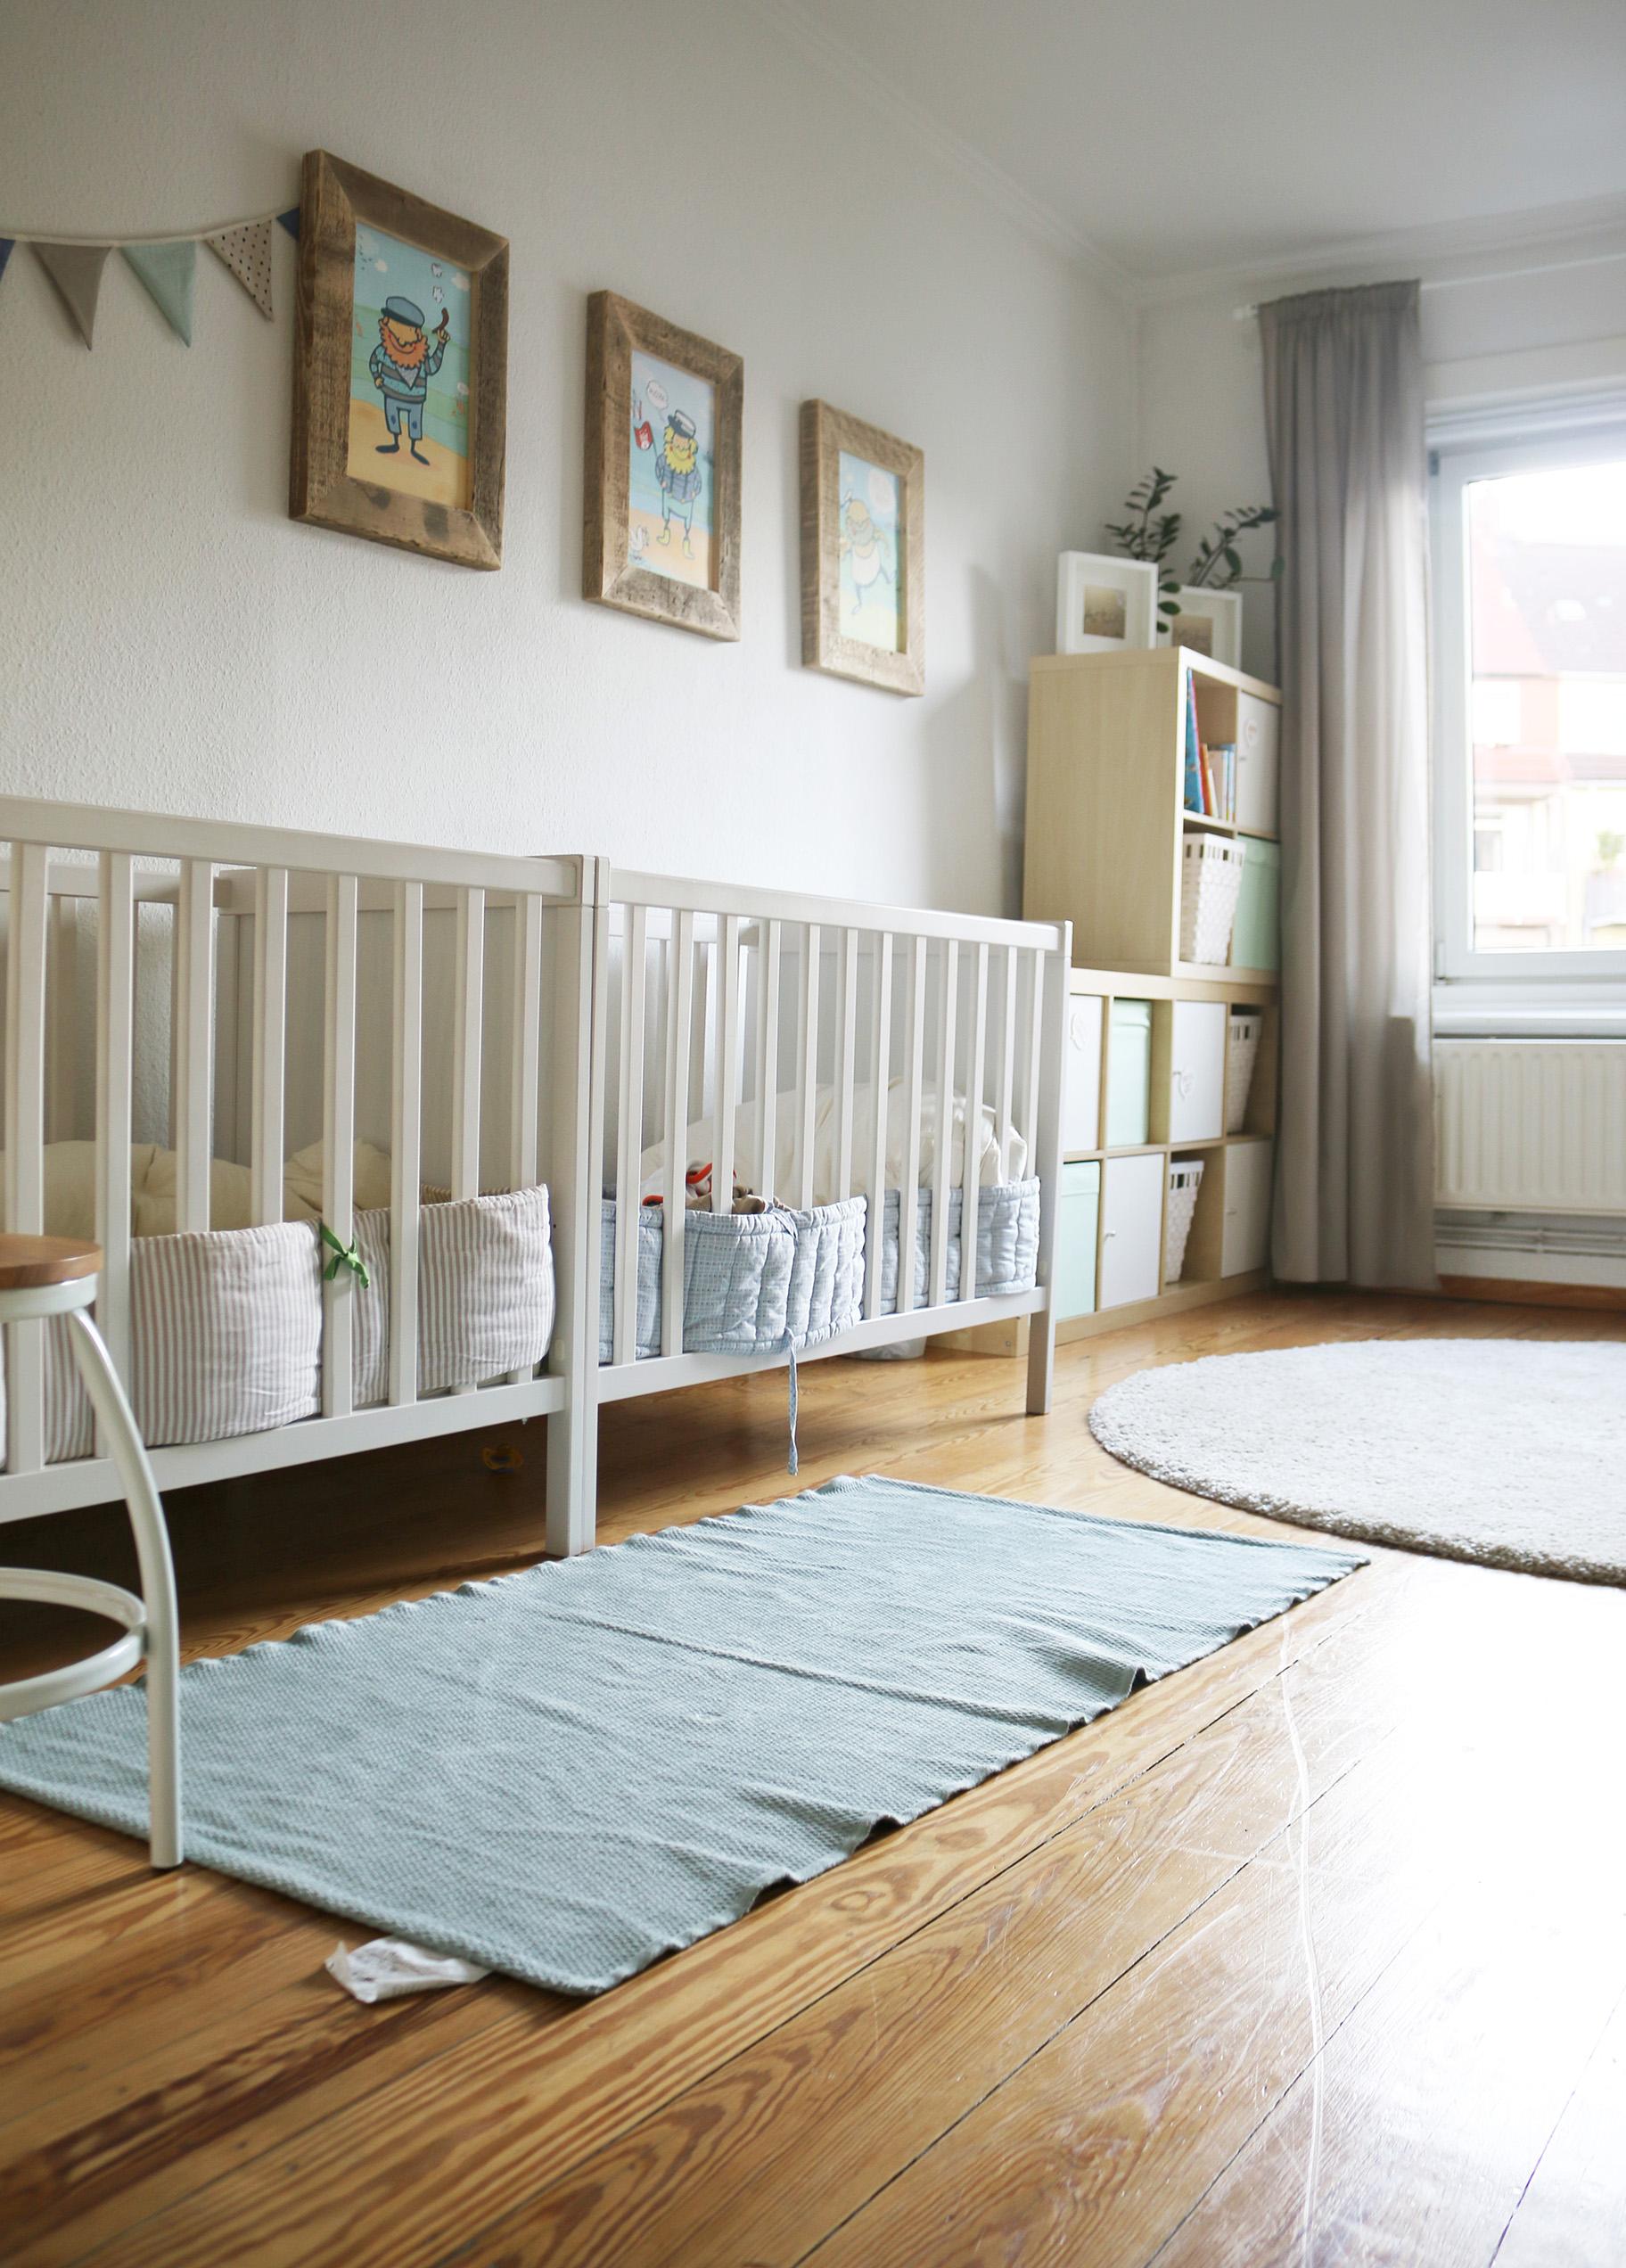 Планировка детской для двух малышей